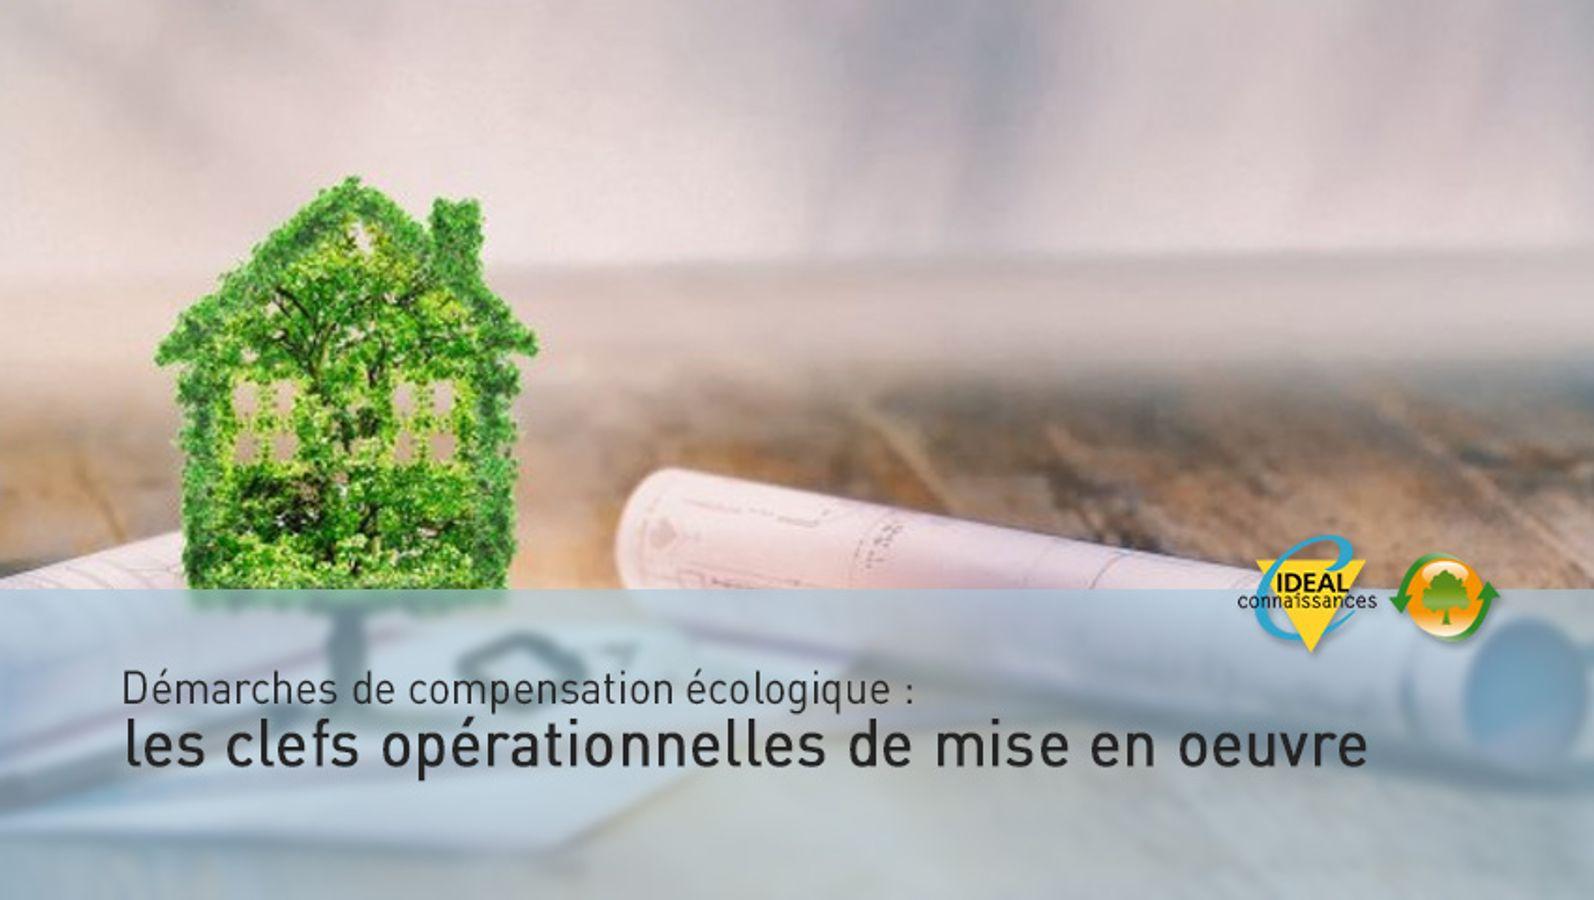 Démarches de compensation écologique : les clefs opérationnelles de mise en oeuvre